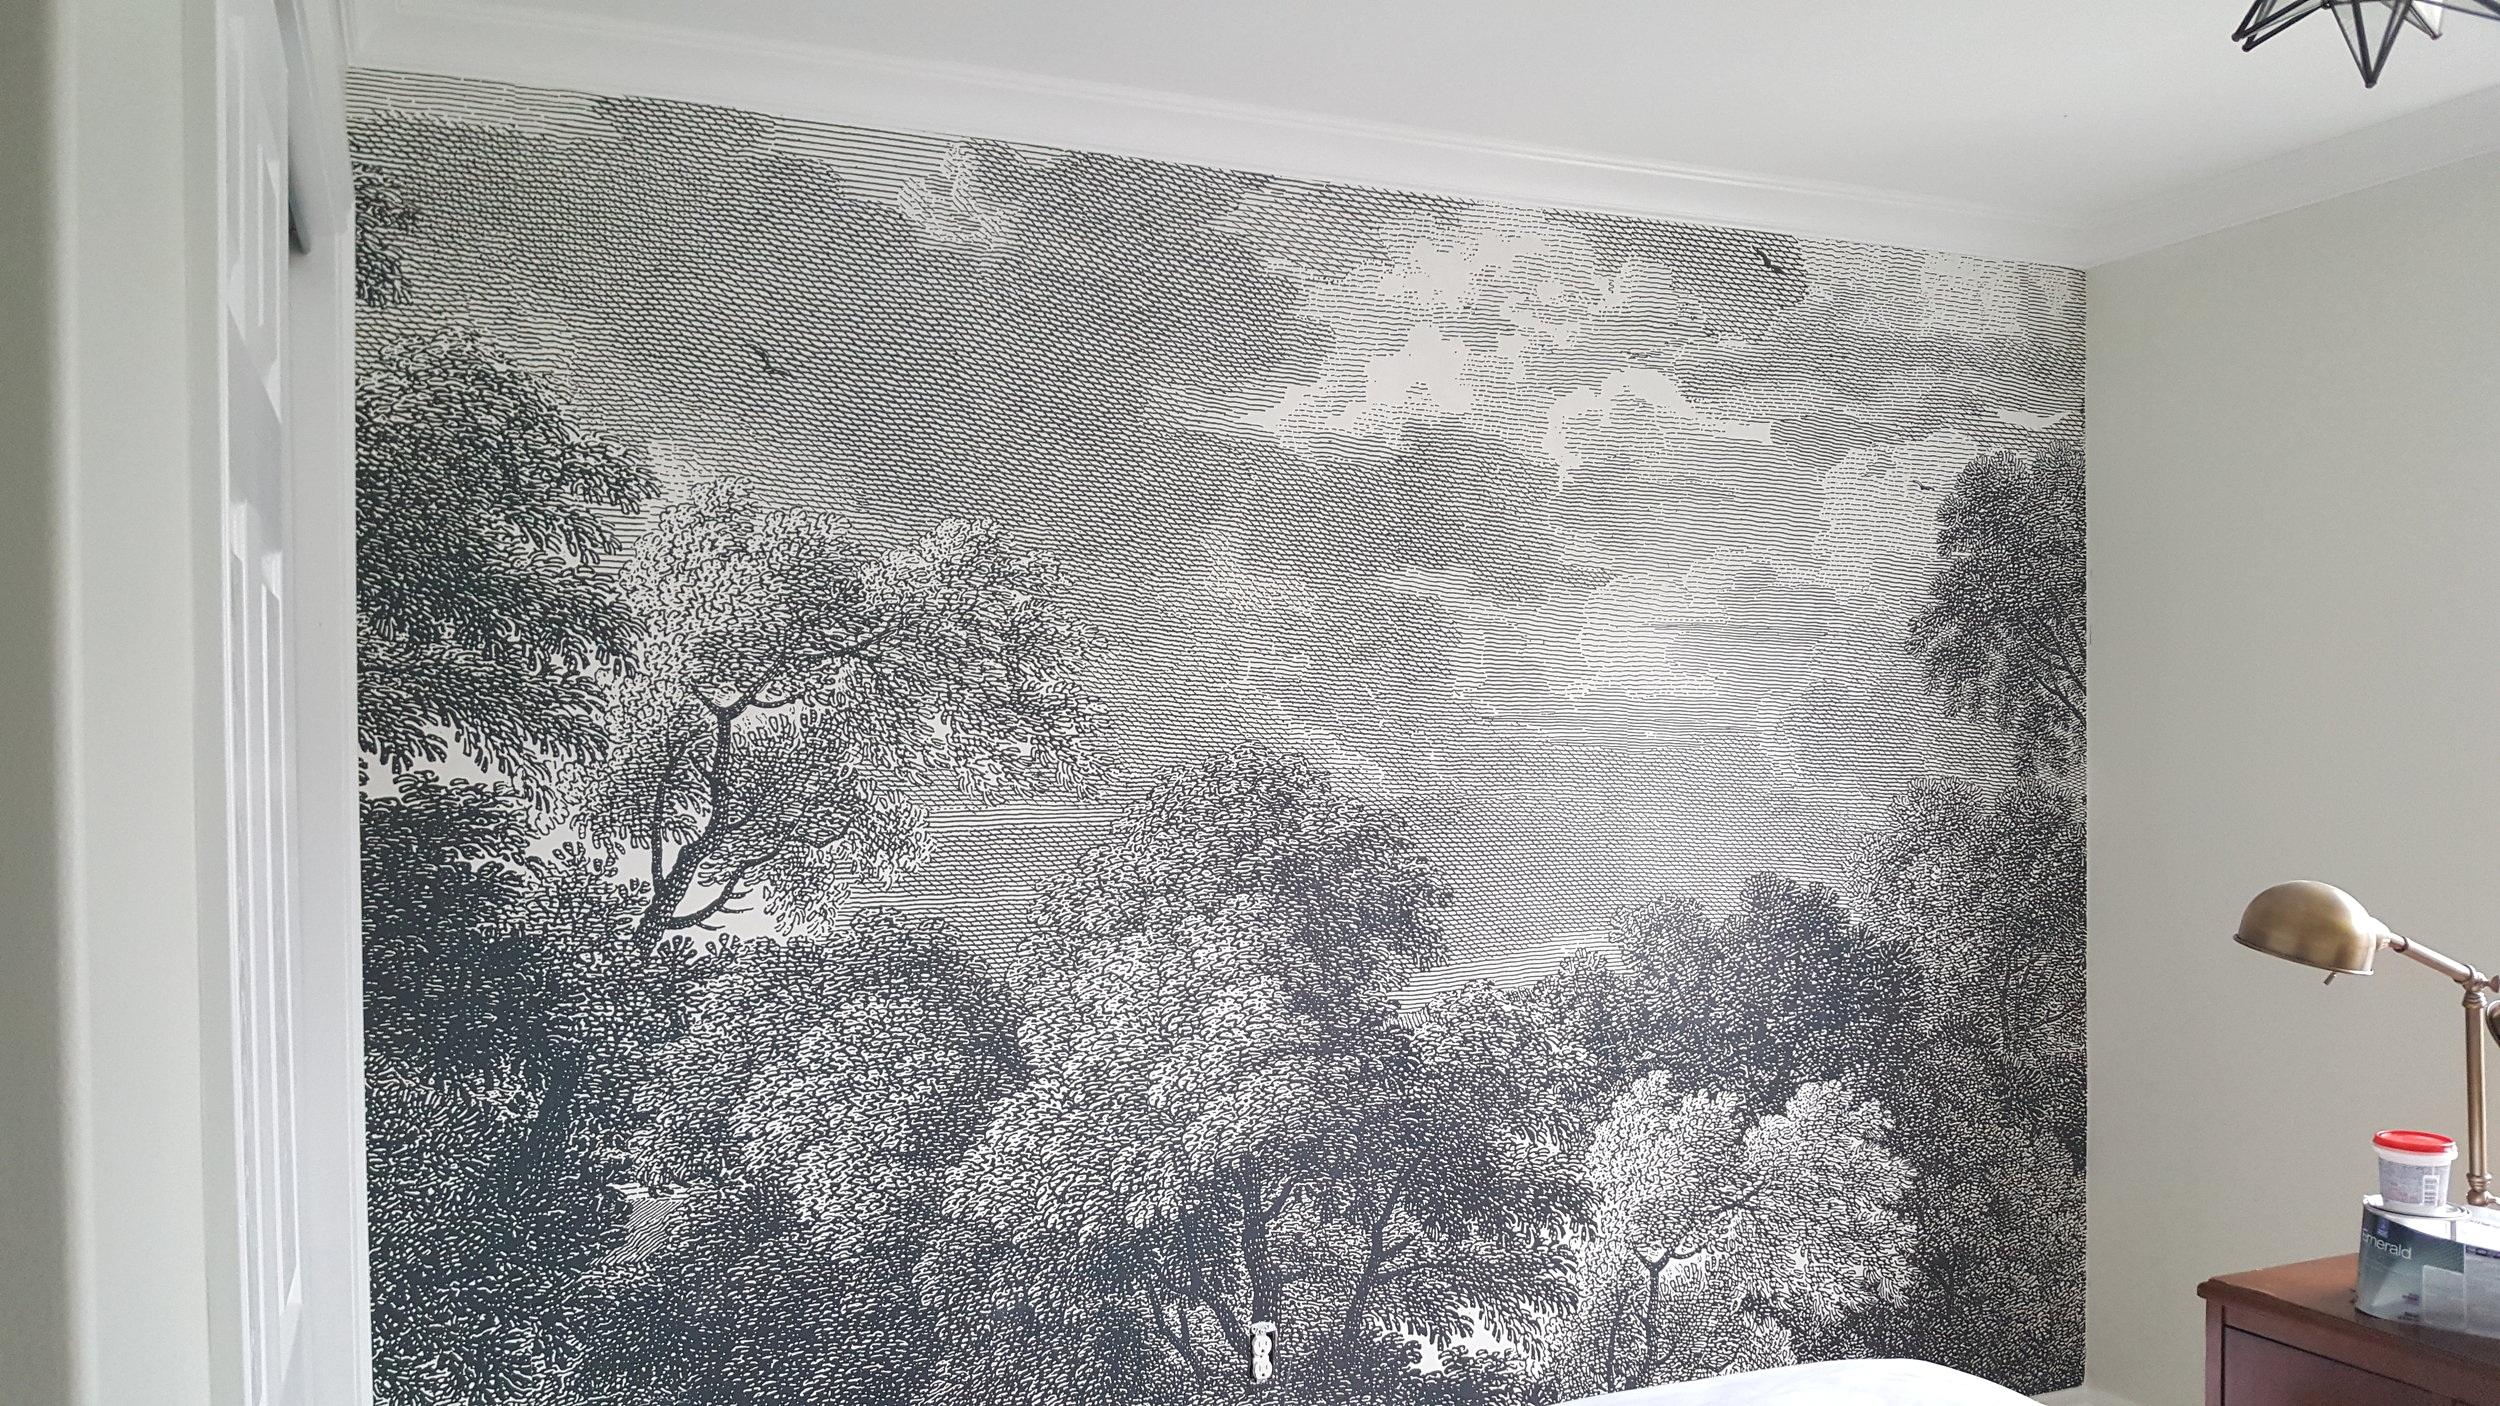 mural+2.jpg